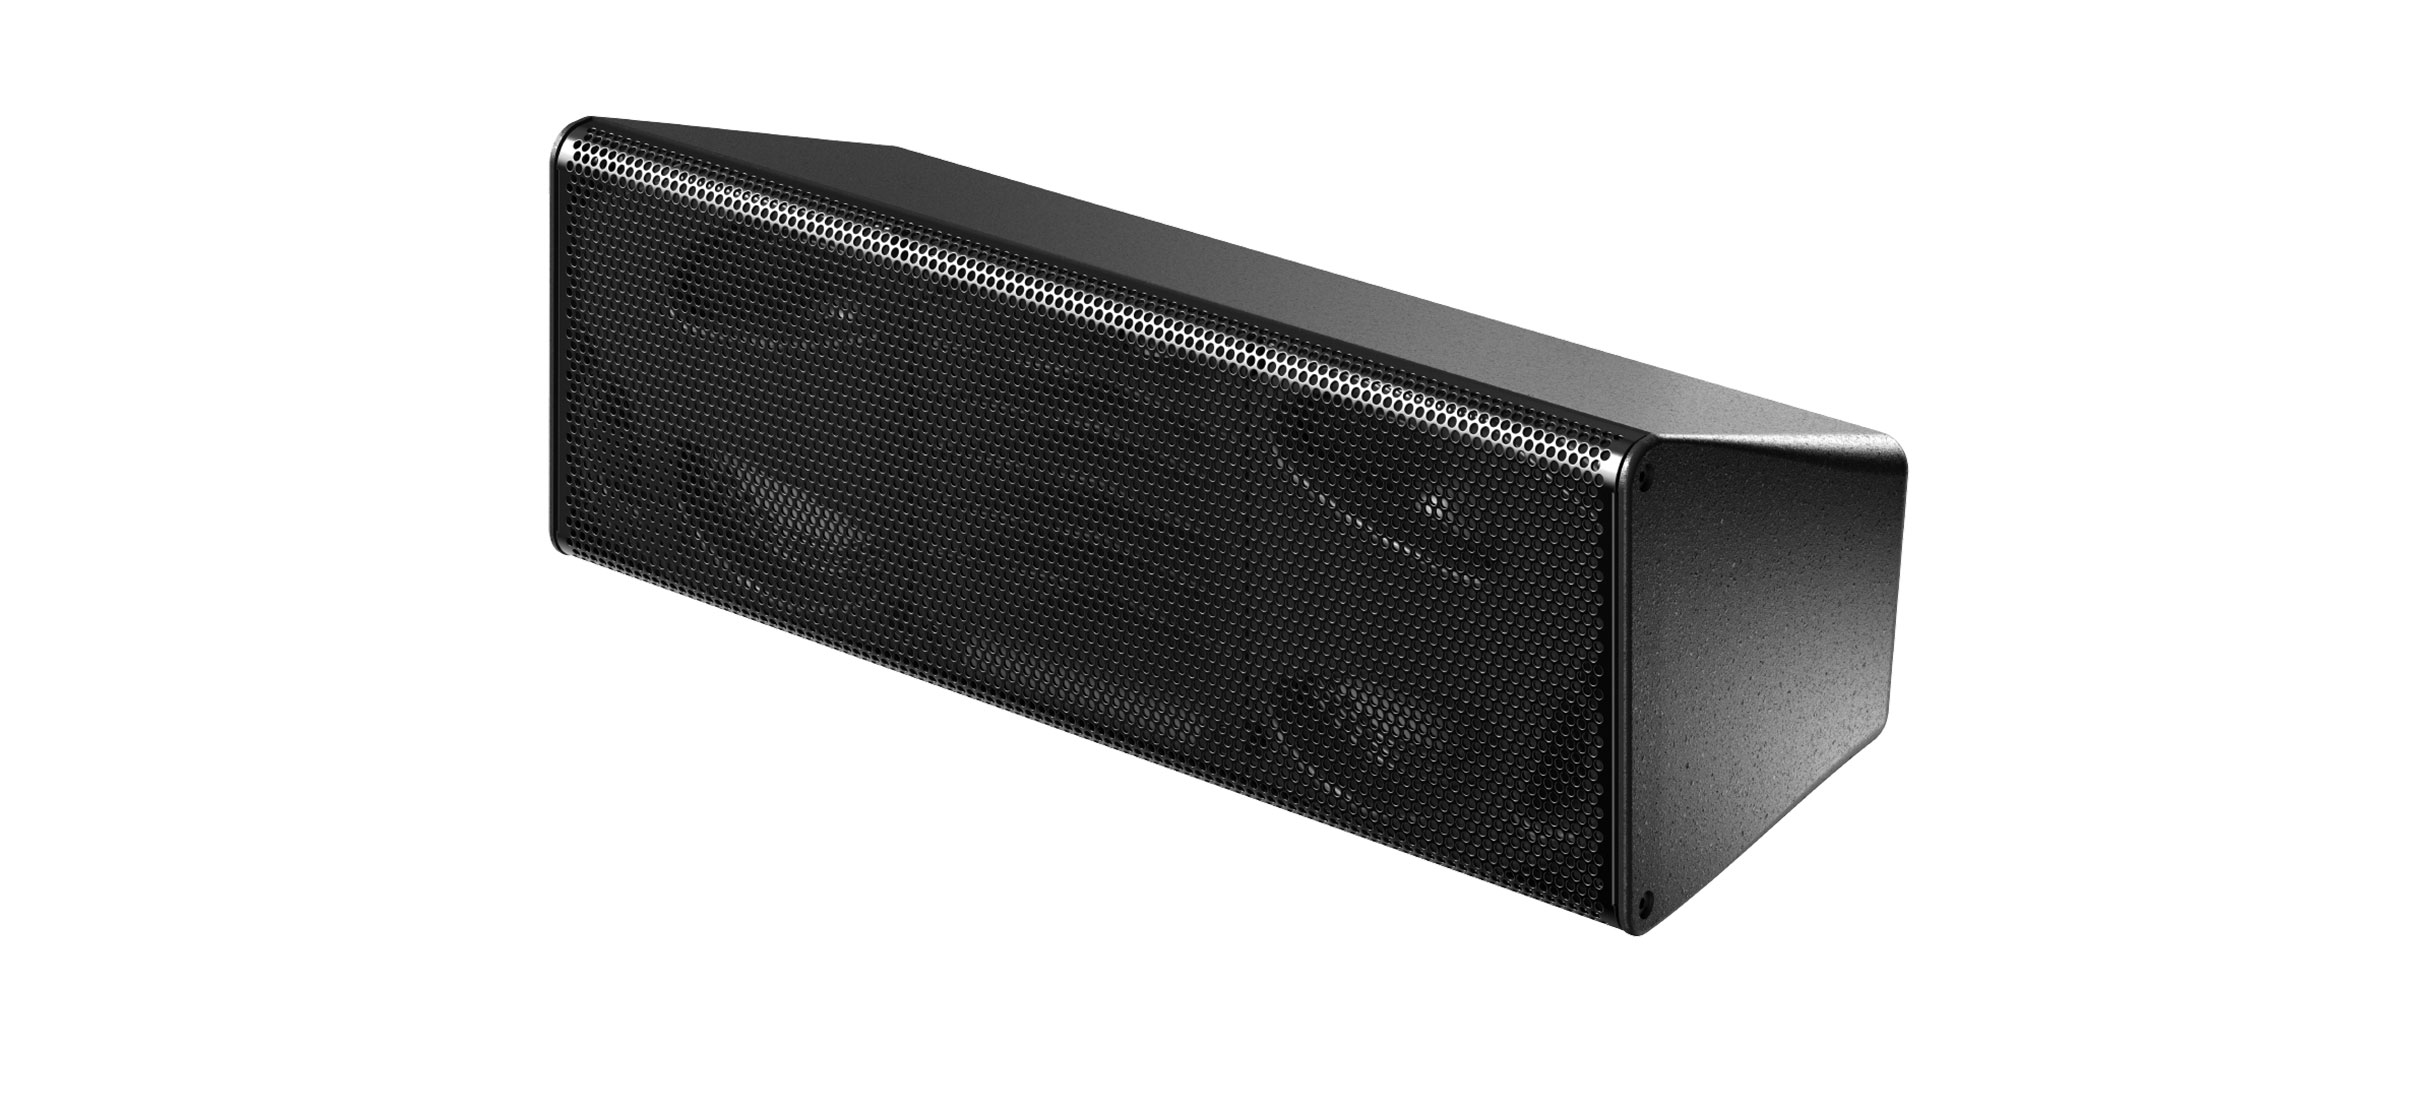 The new d&b audiotechnik 44S loudspeaker